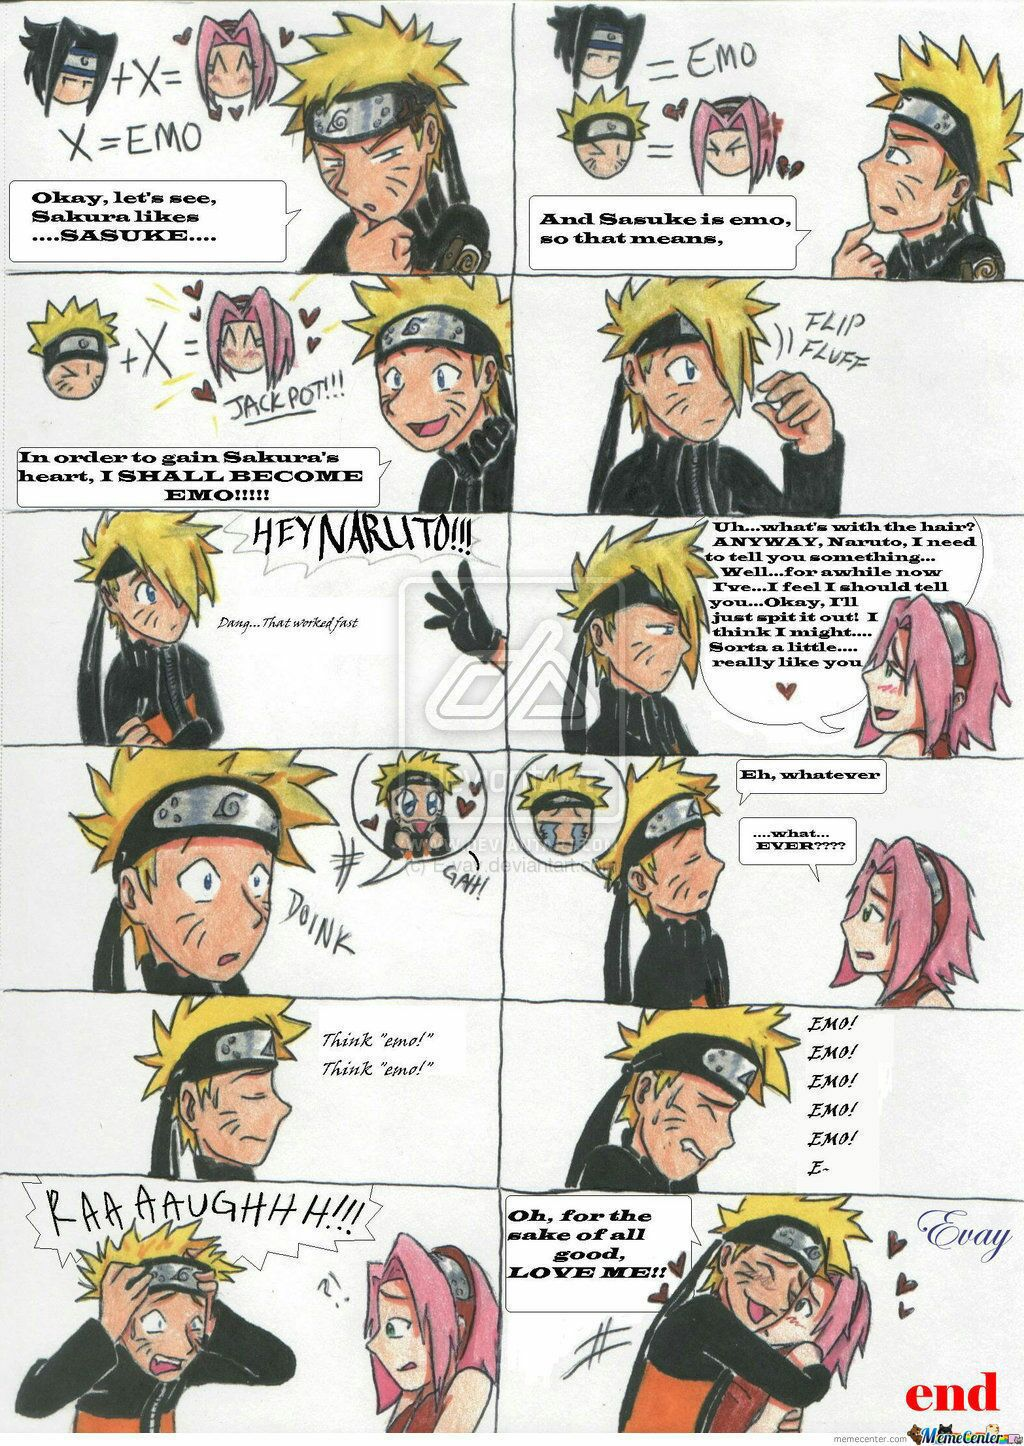 Naruto shippuden xxx bd apologise, but